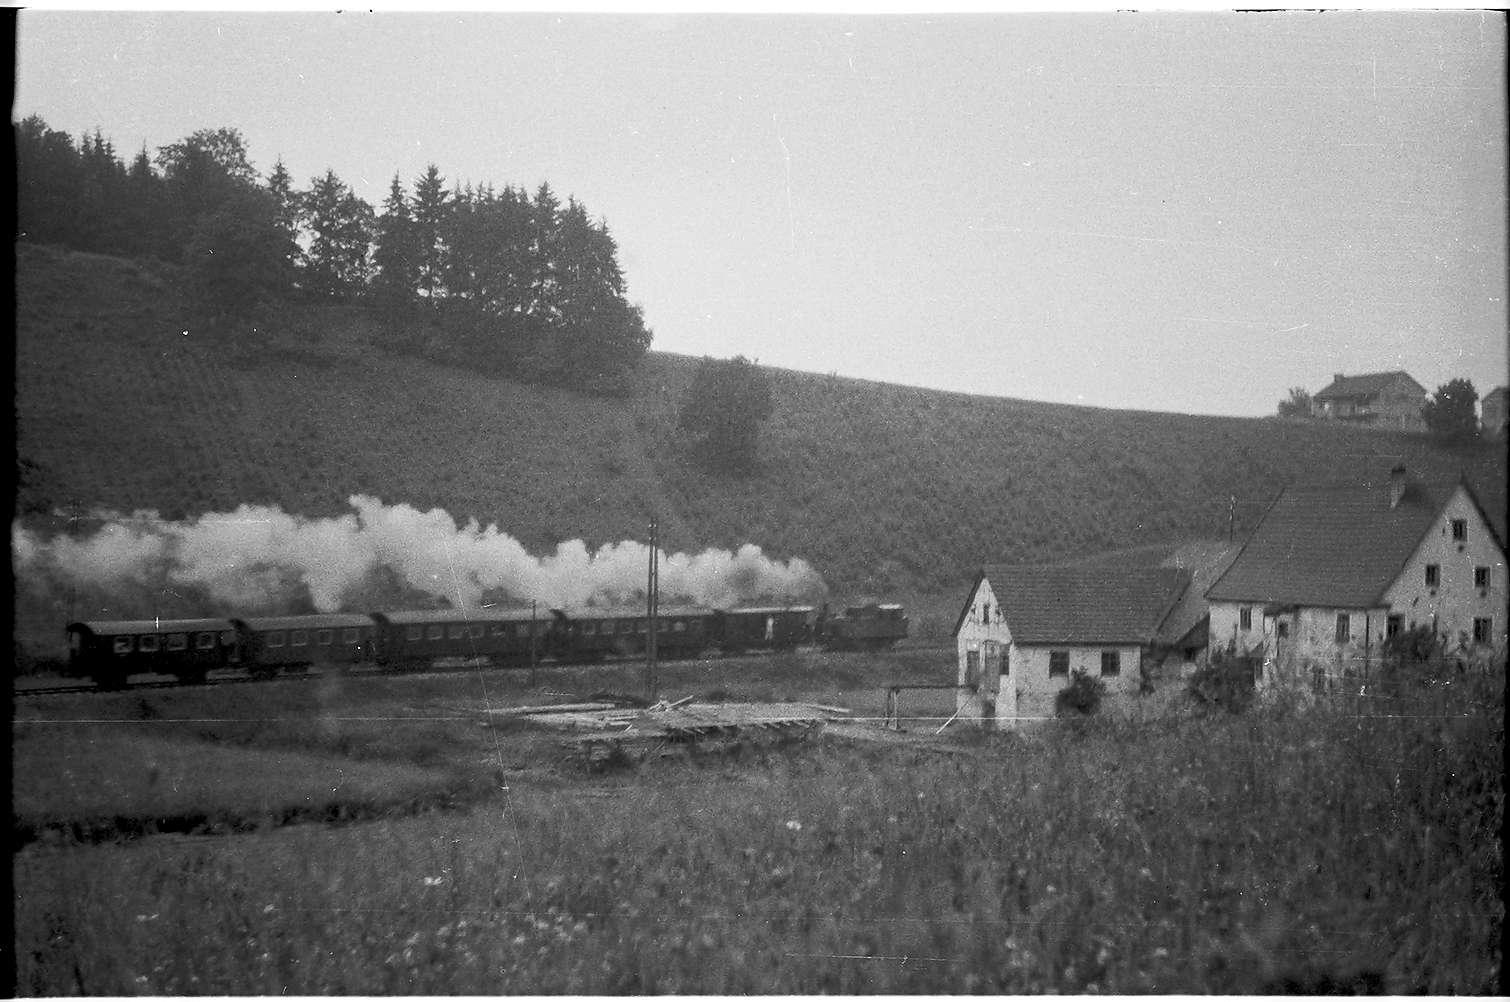 Mägerkingen - Trochtelfingen, Lok 11, Untere Mühle, 1993 wurde im Mittelgrund eine Reithalle gebaut, Bild 1